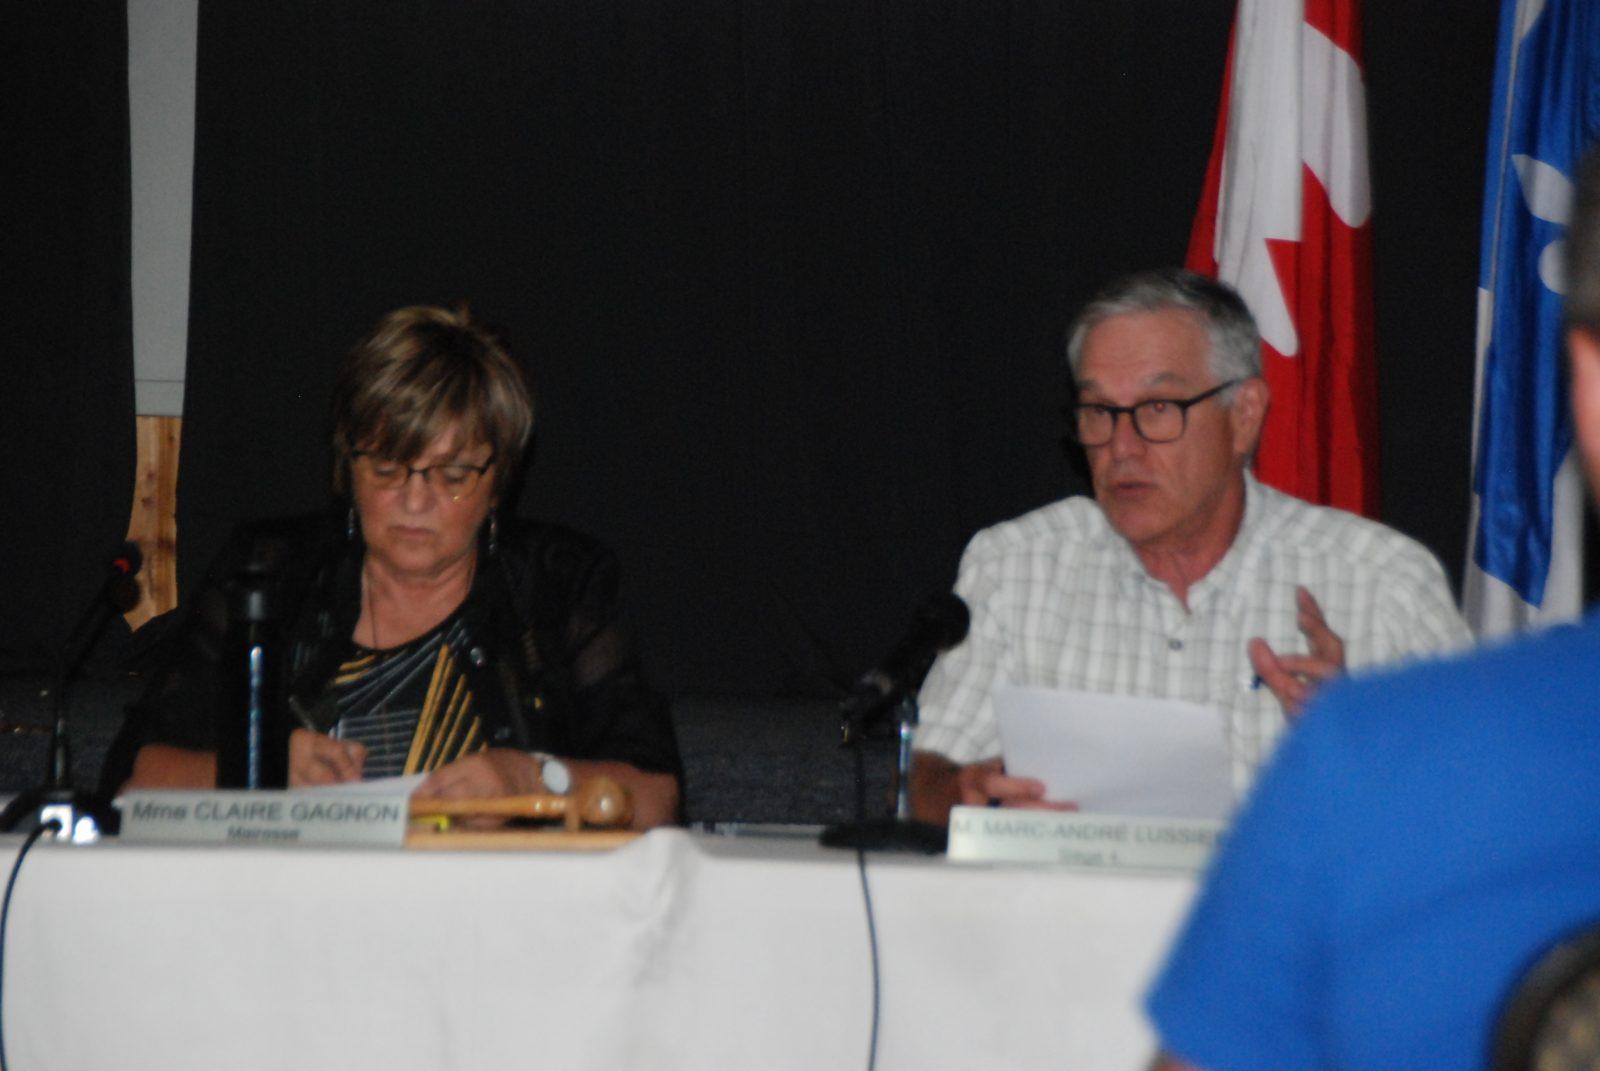 Personne ne remplacera Marc-André Lussier au conseil de Saint-Aimé-des-Lacs